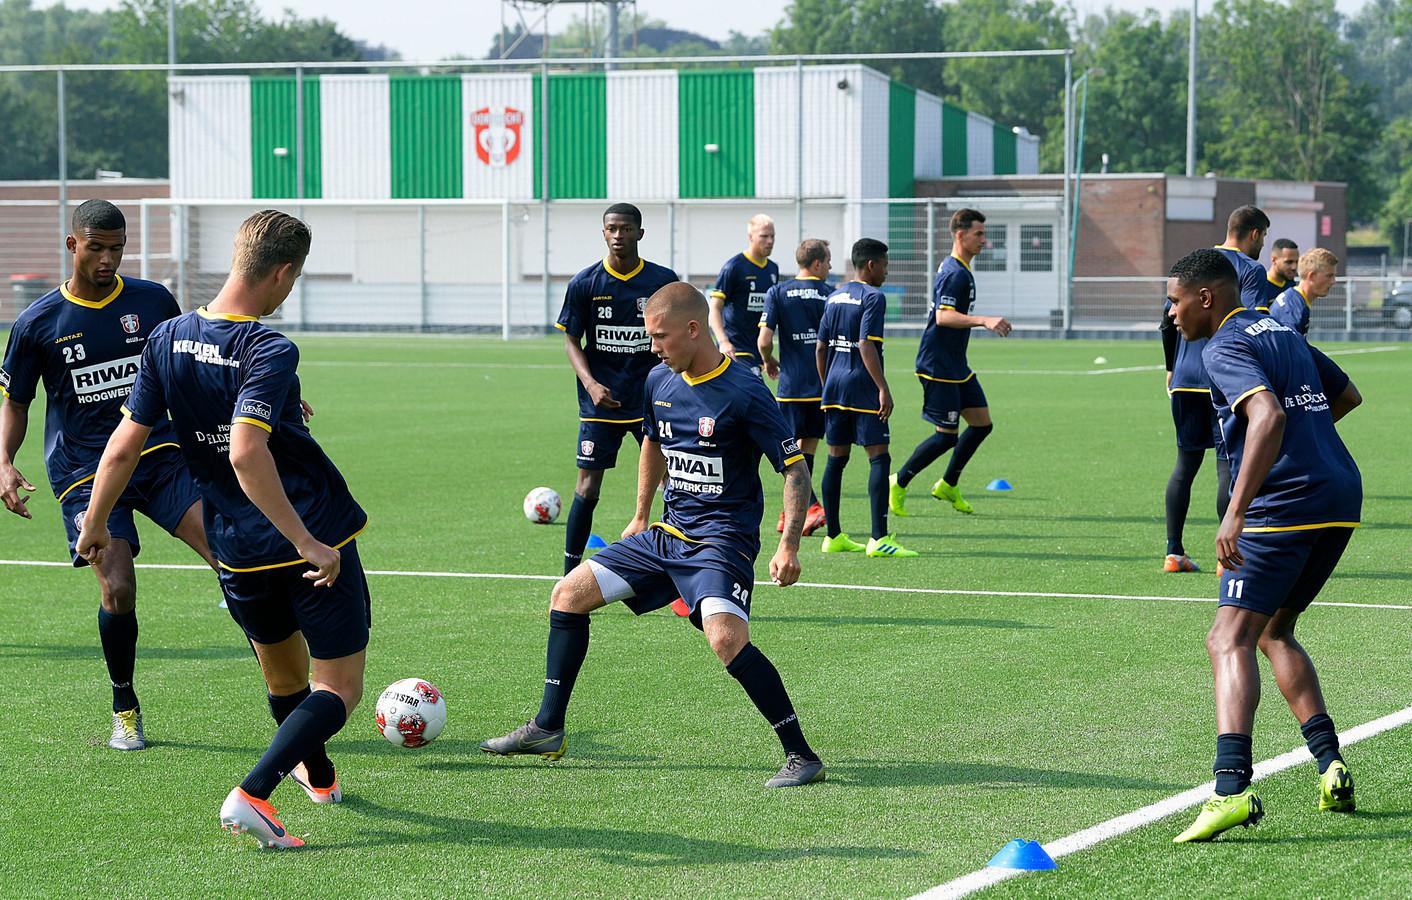 De eerste trainingen van het nieuwe team zijn al geweest.